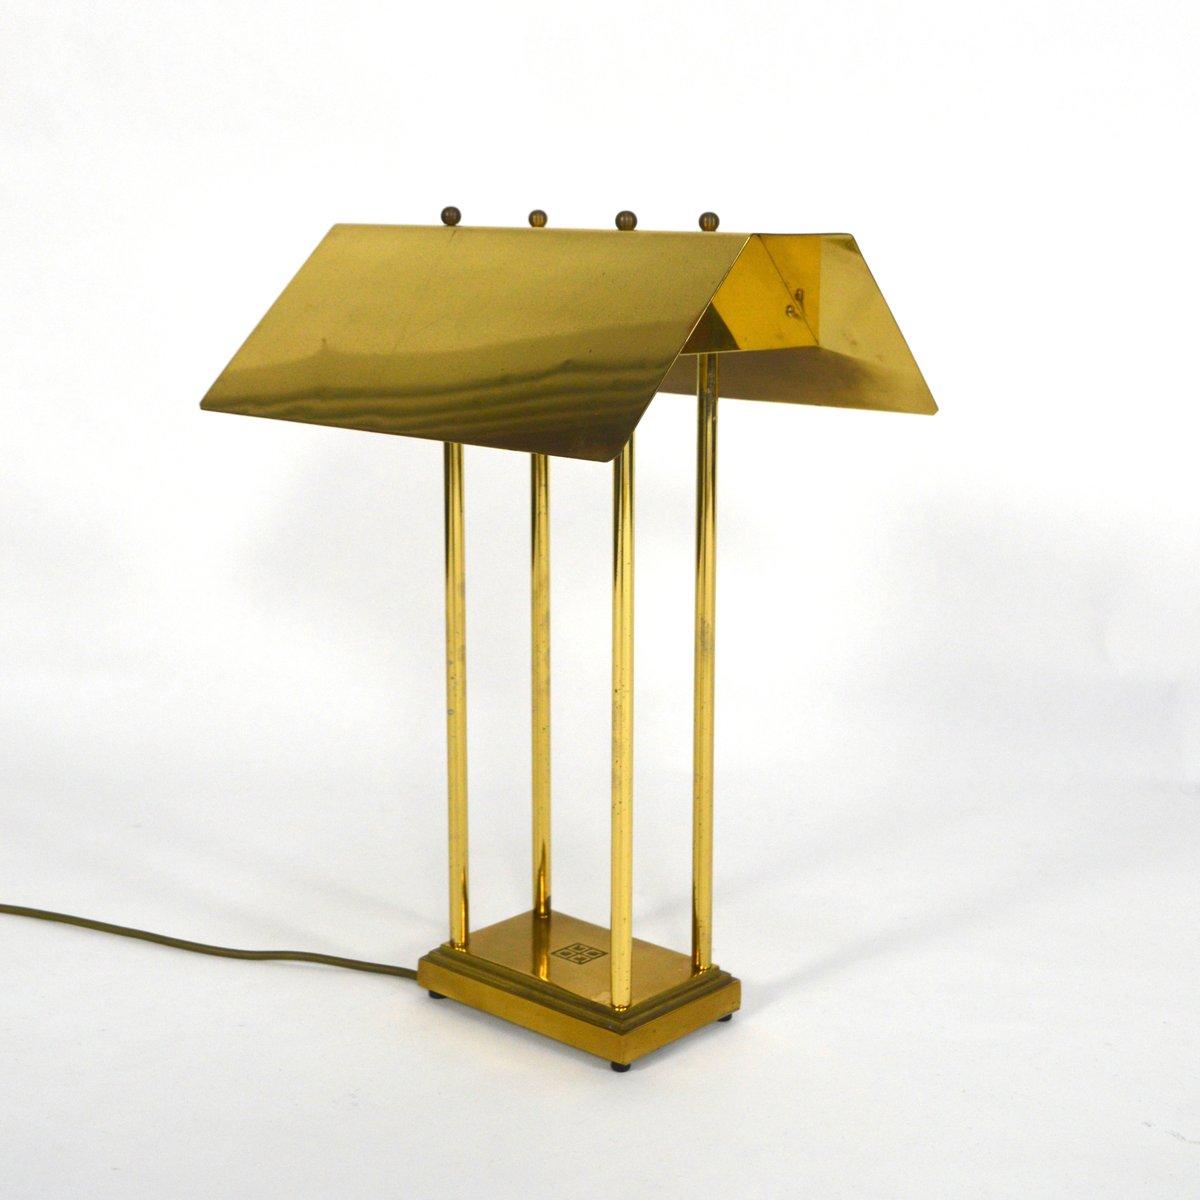 messing tischlampe von peter ghyczy 1980er bei pamono kaufen. Black Bedroom Furniture Sets. Home Design Ideas